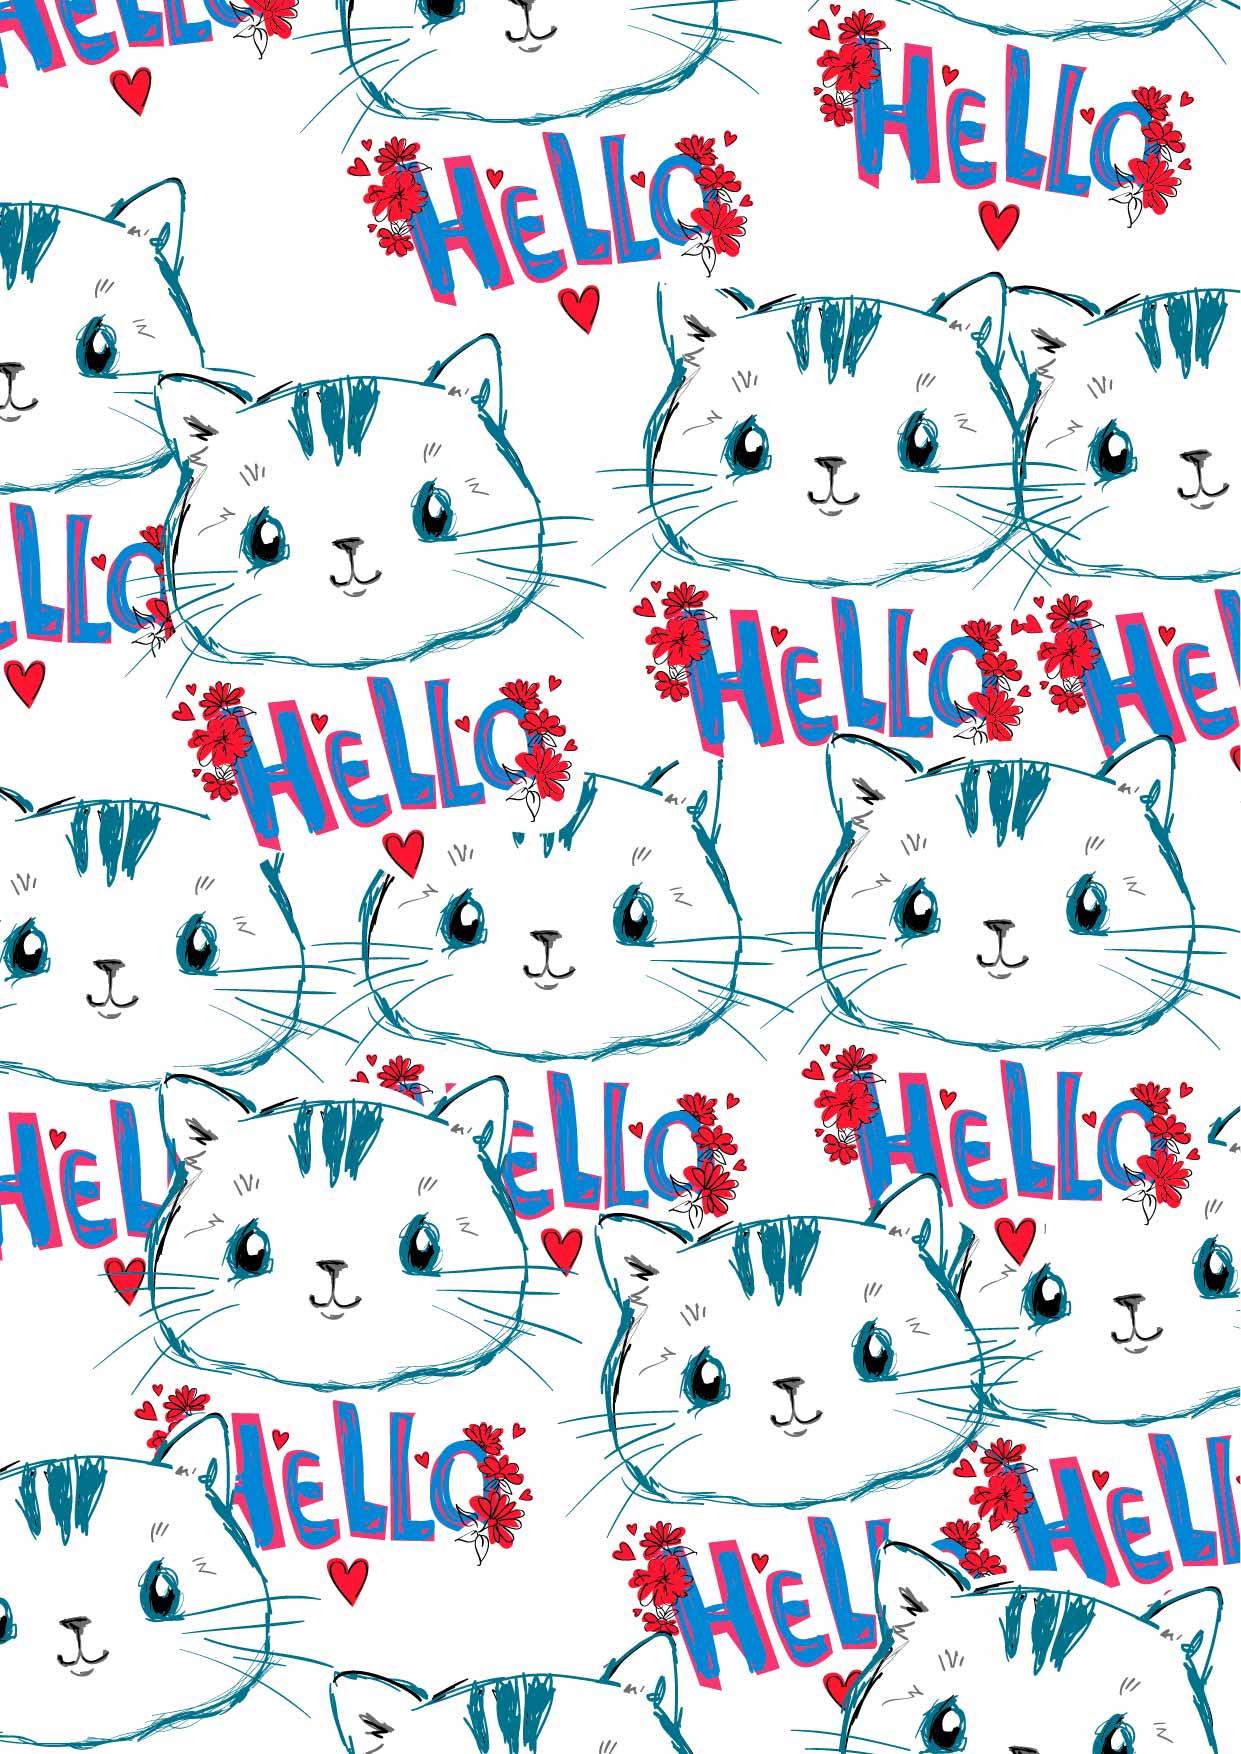 卡通动物猫咪字母印花矢量图服装纺织数码印花花型素材-POP花型网